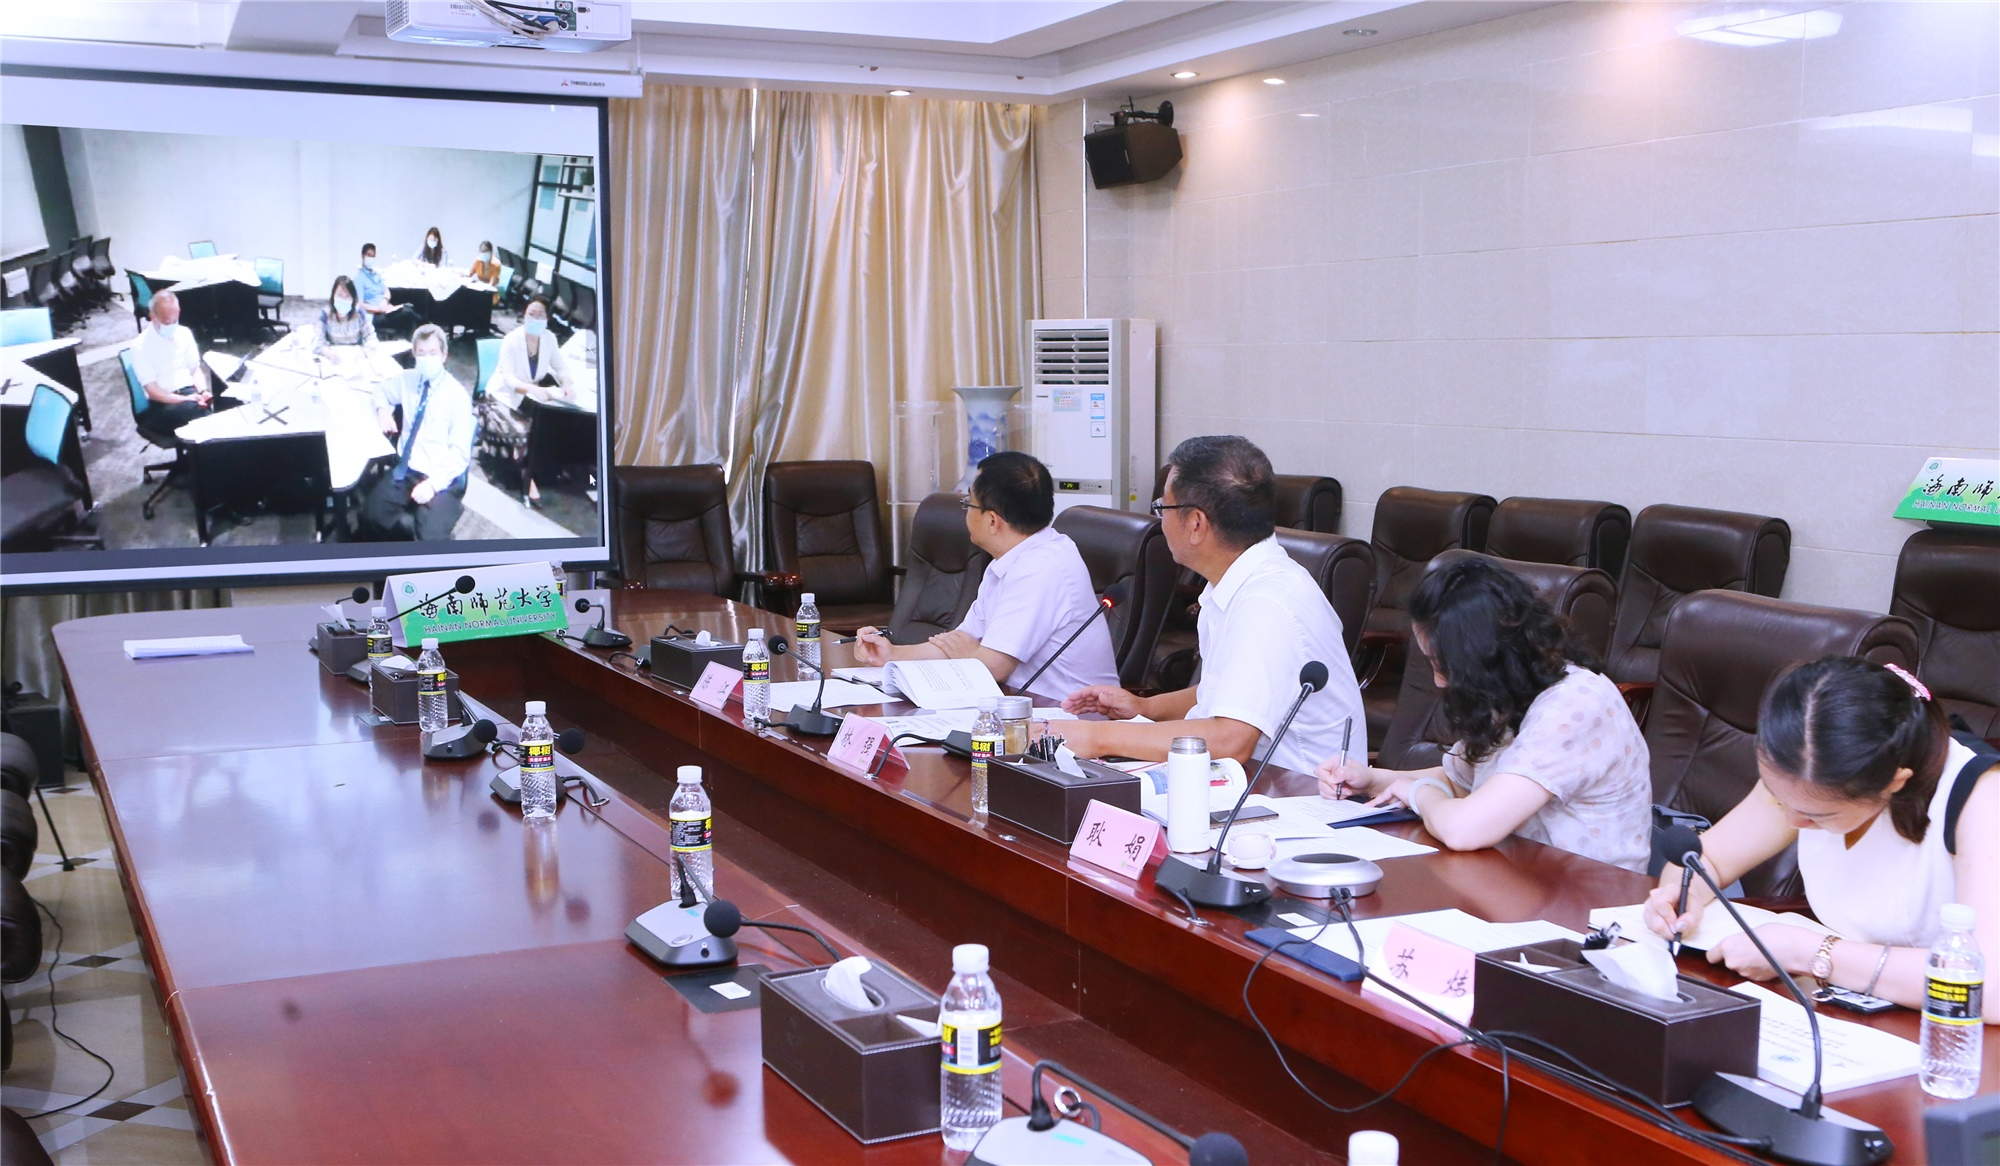 我校跟马来西亚世纪大学举行孔子学院第五届理事会网络视频集会